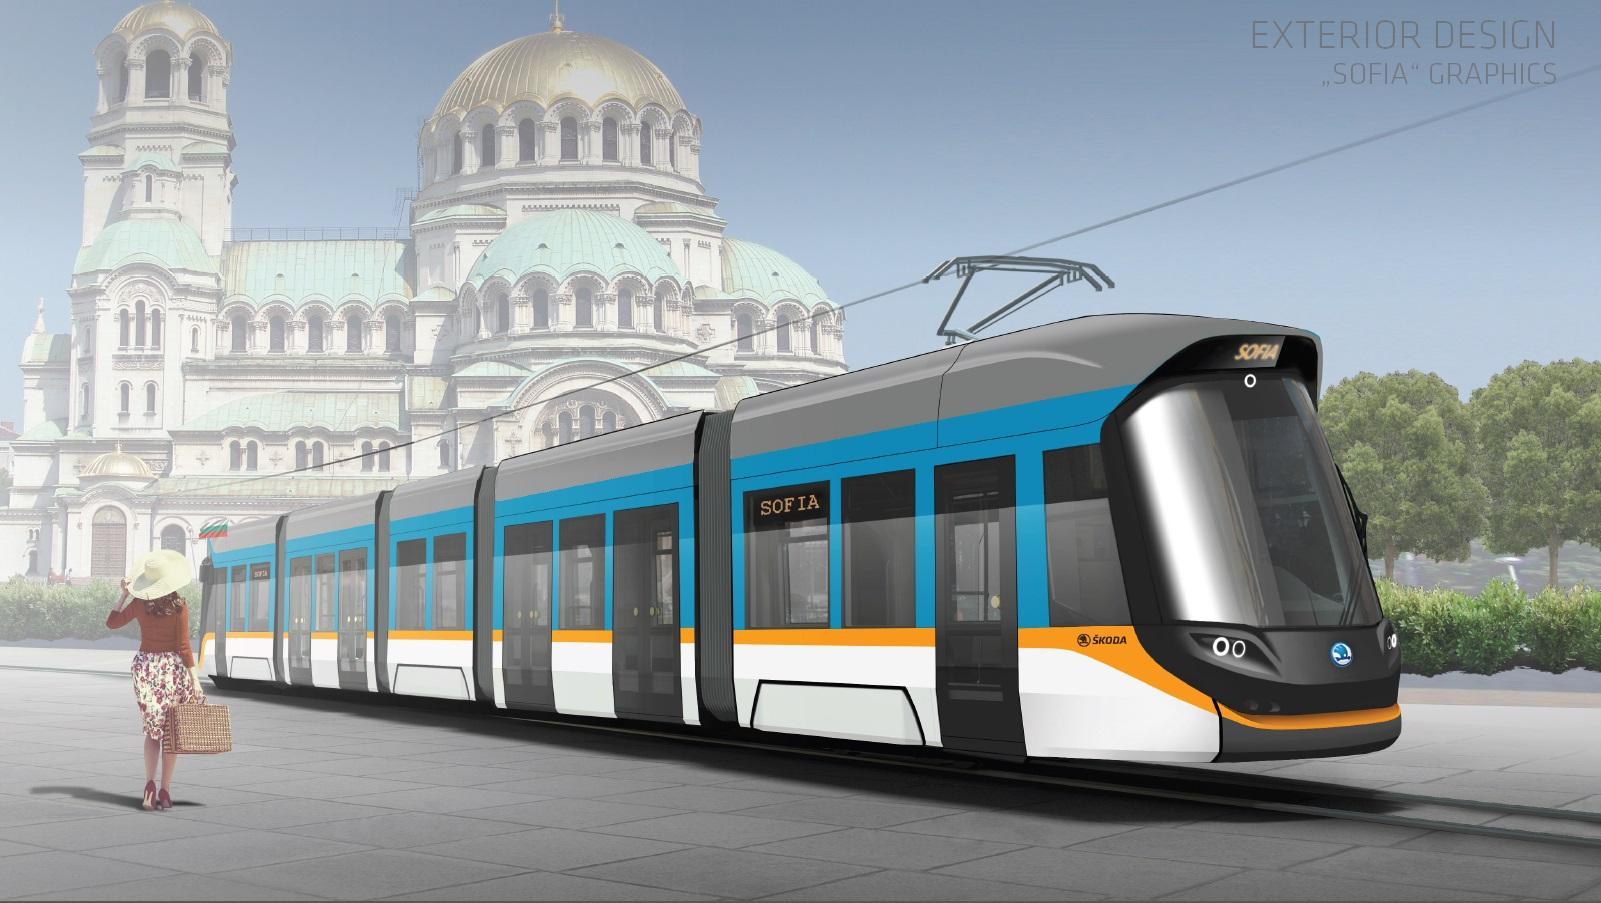 Předběžná vizualizace nového vozidla pro Sofii. (zdroj: Škoda Transportation)